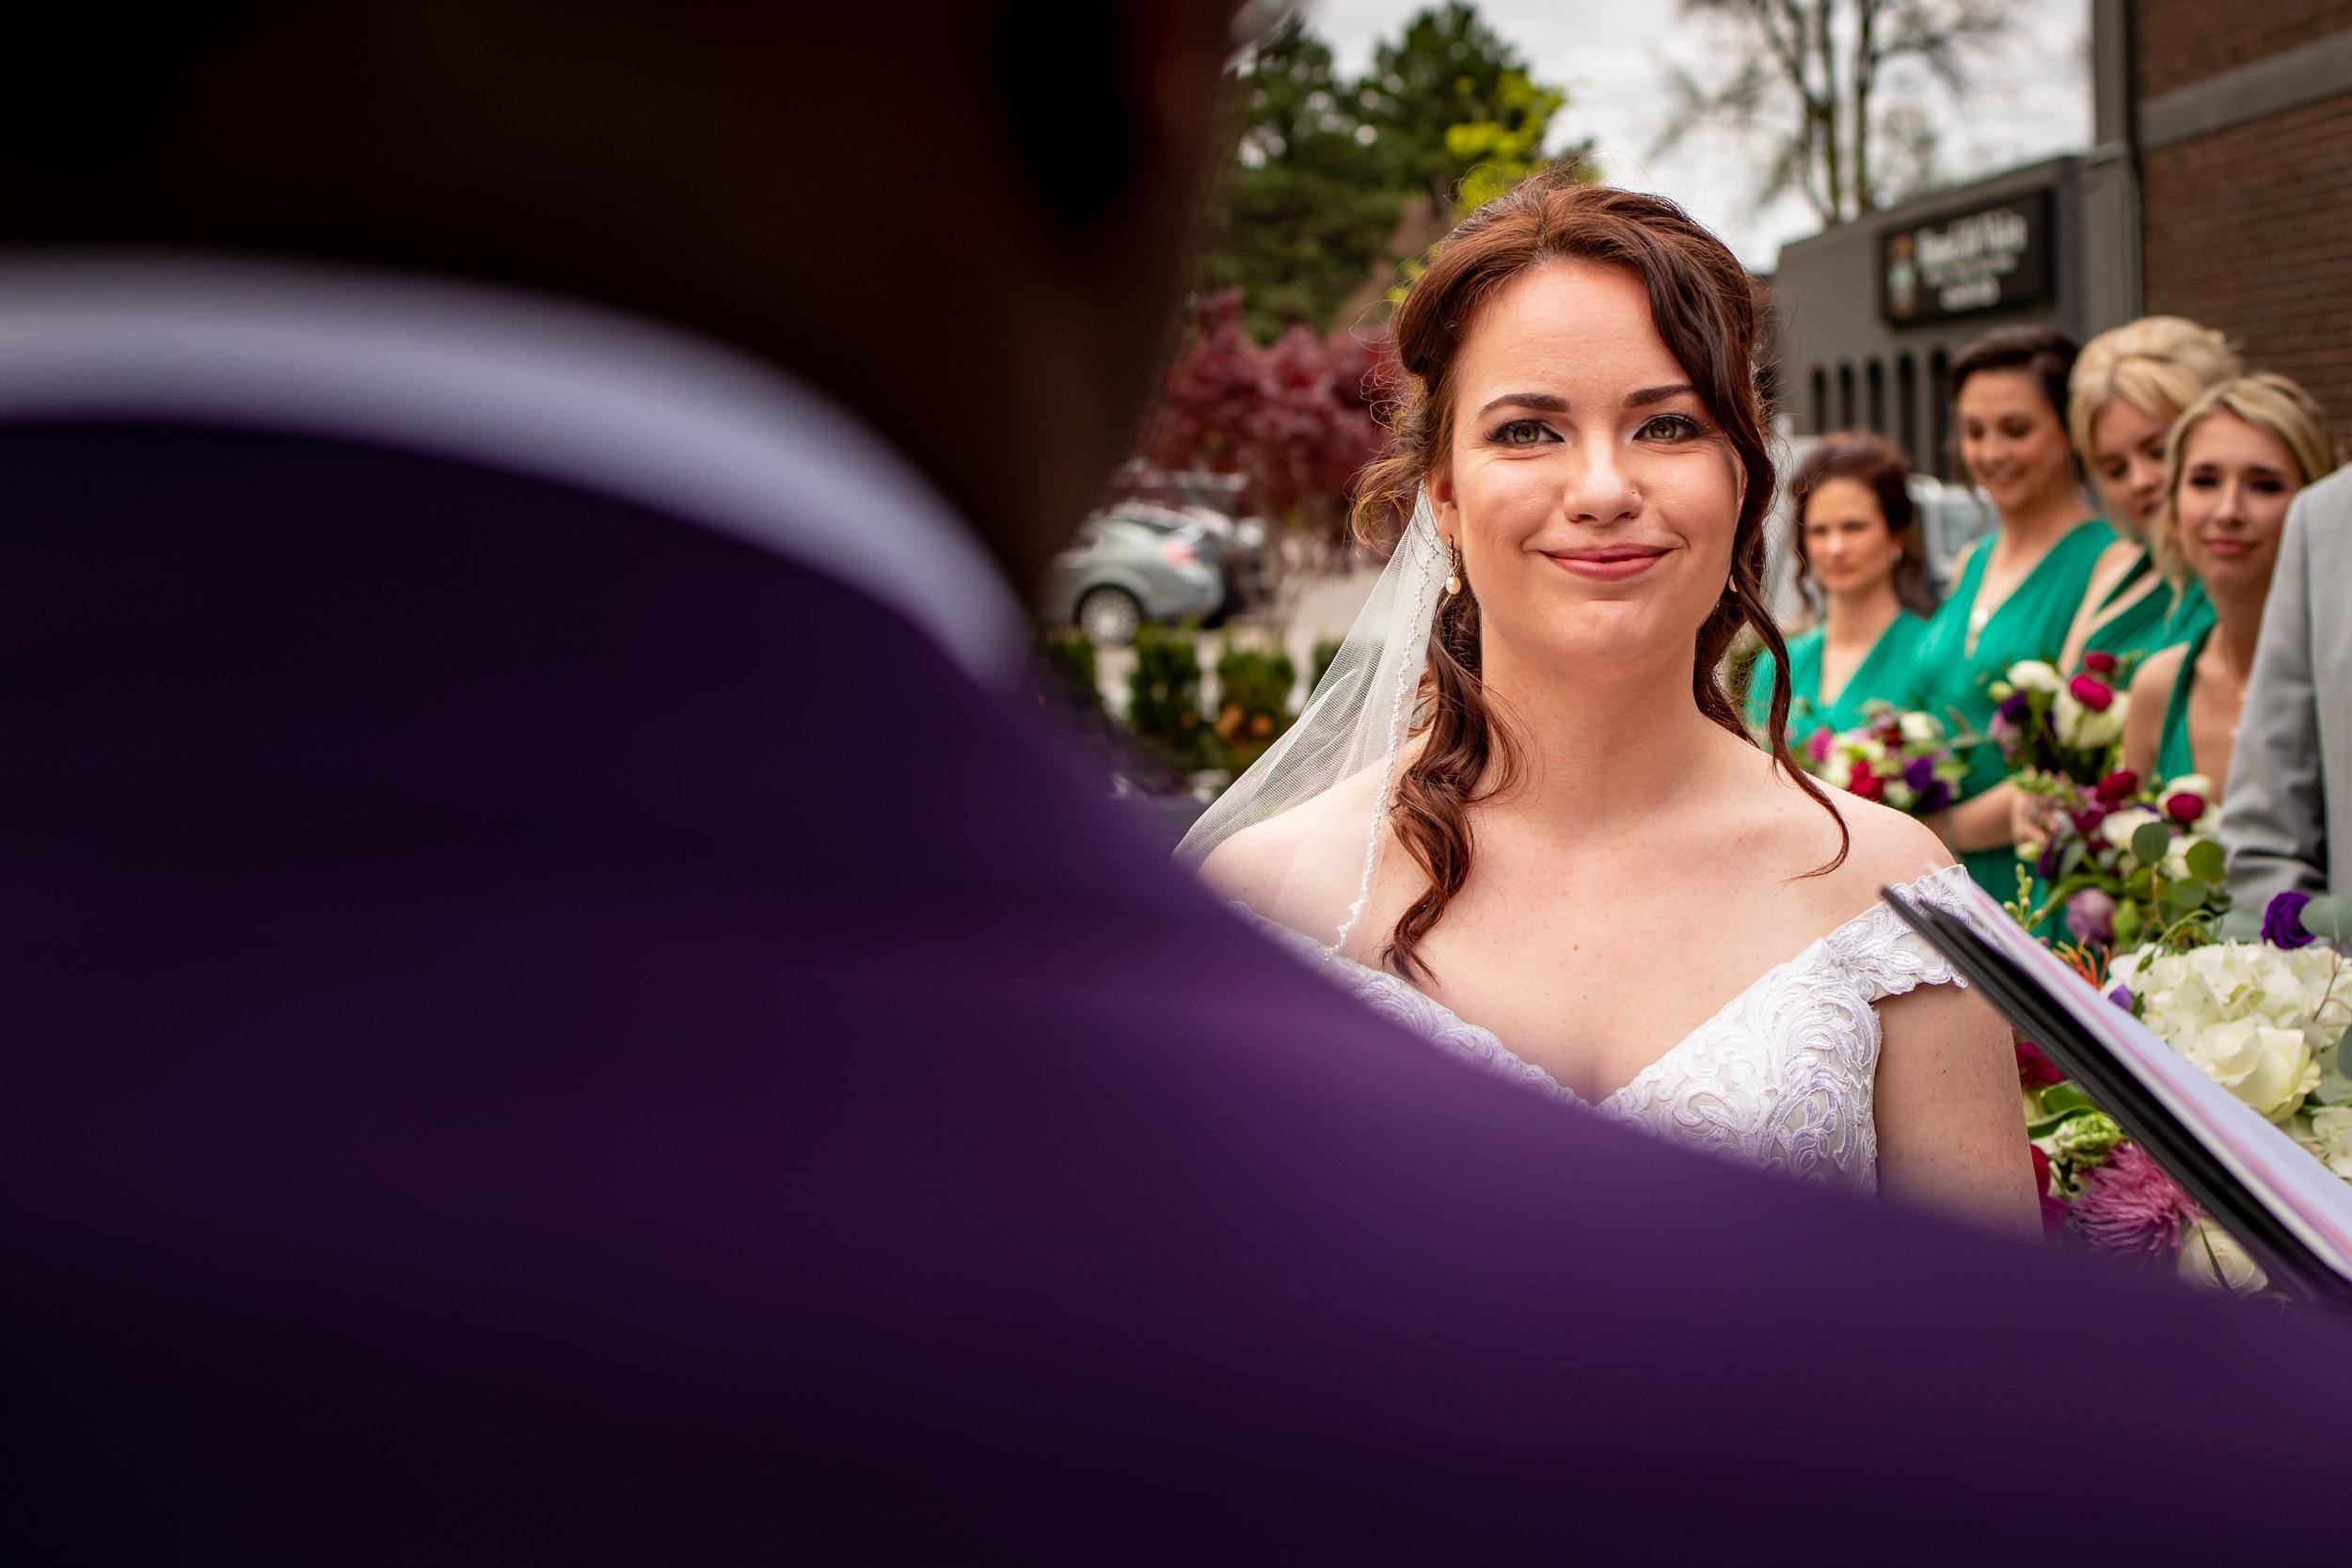 YMG-wedding-photos-42.jpg